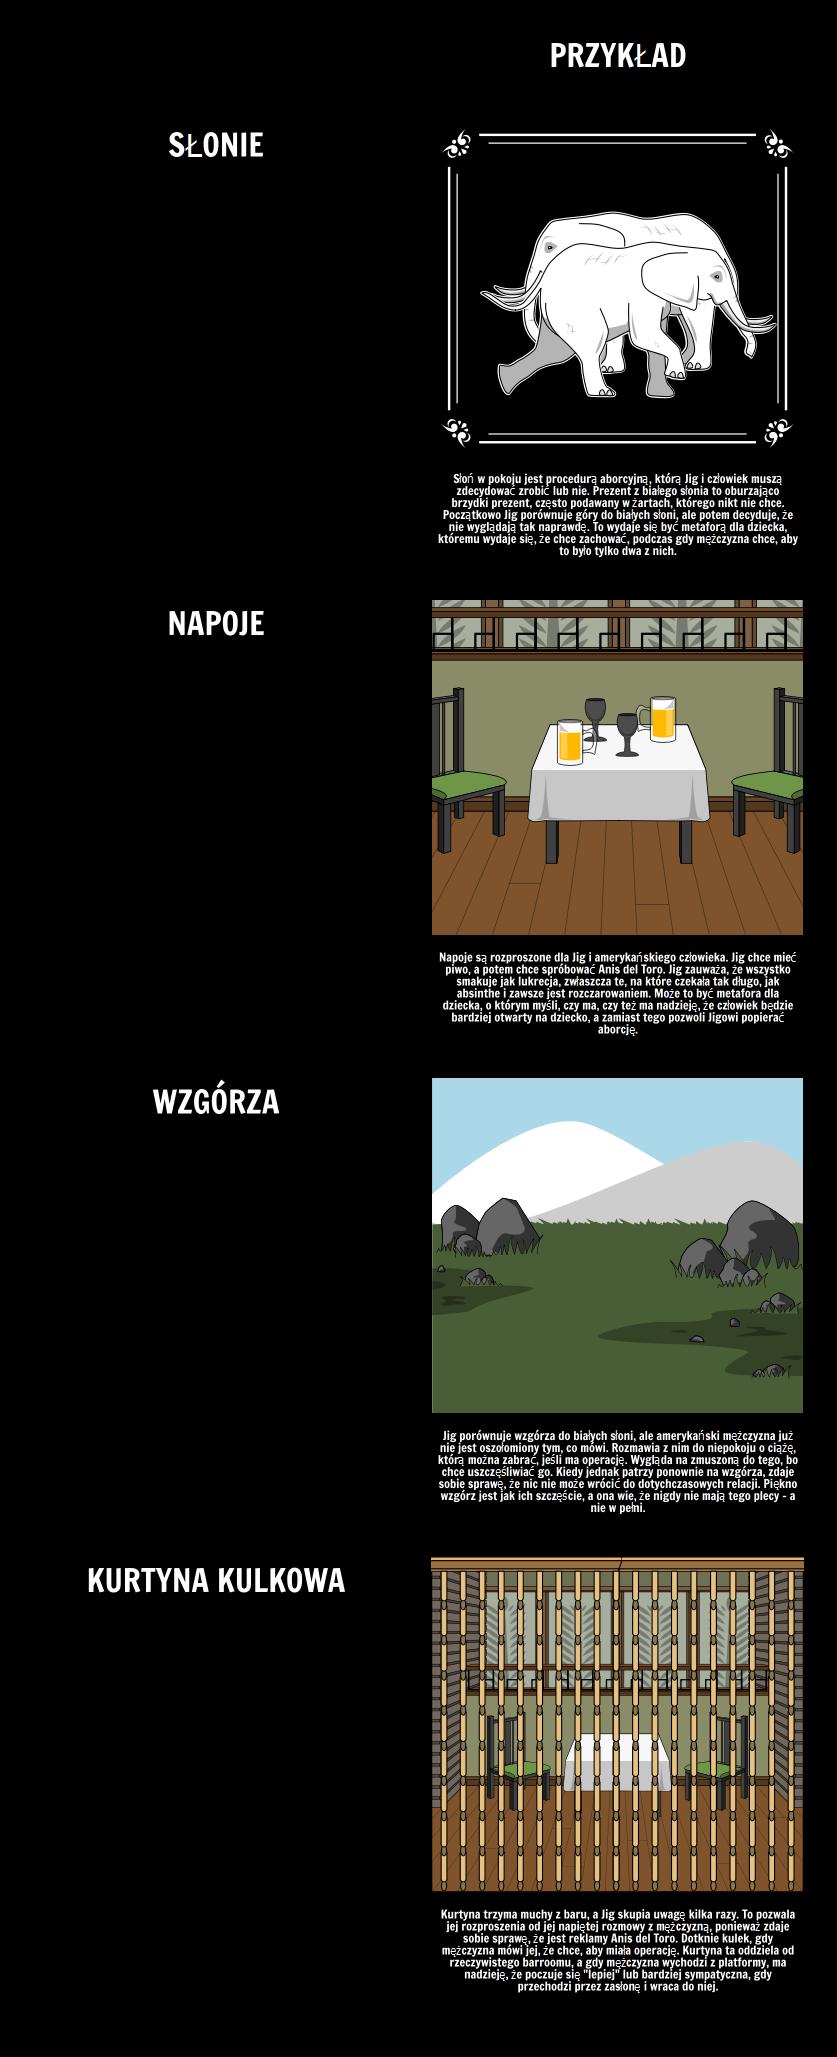 Tematy, Symbole i Motywy w Górach jak Słonie Białe